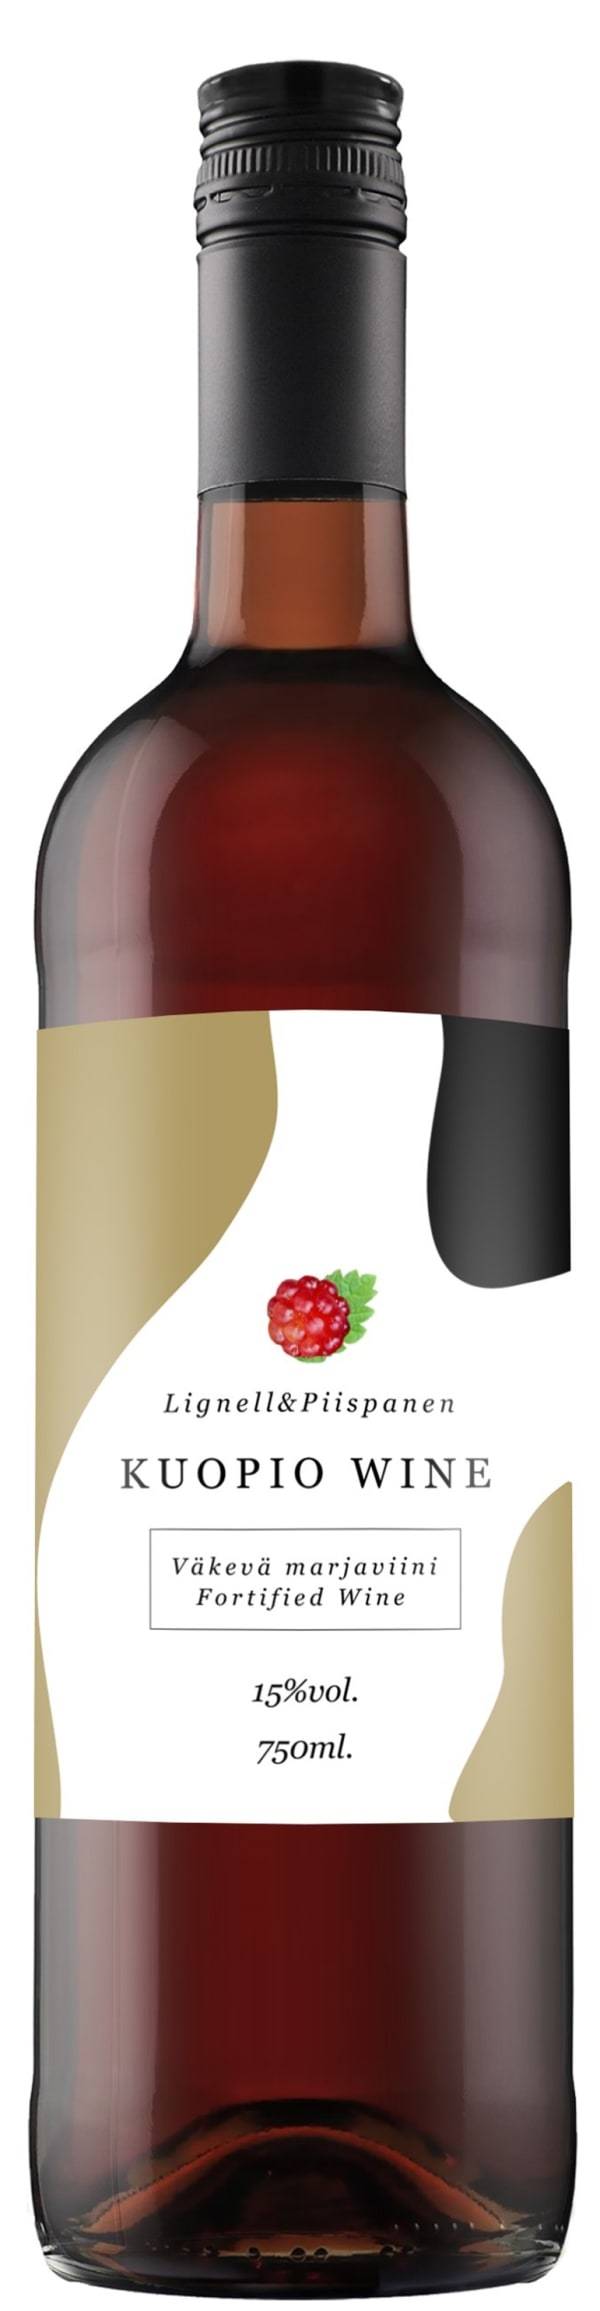 Lignell & Piispanen Kuopio Wine